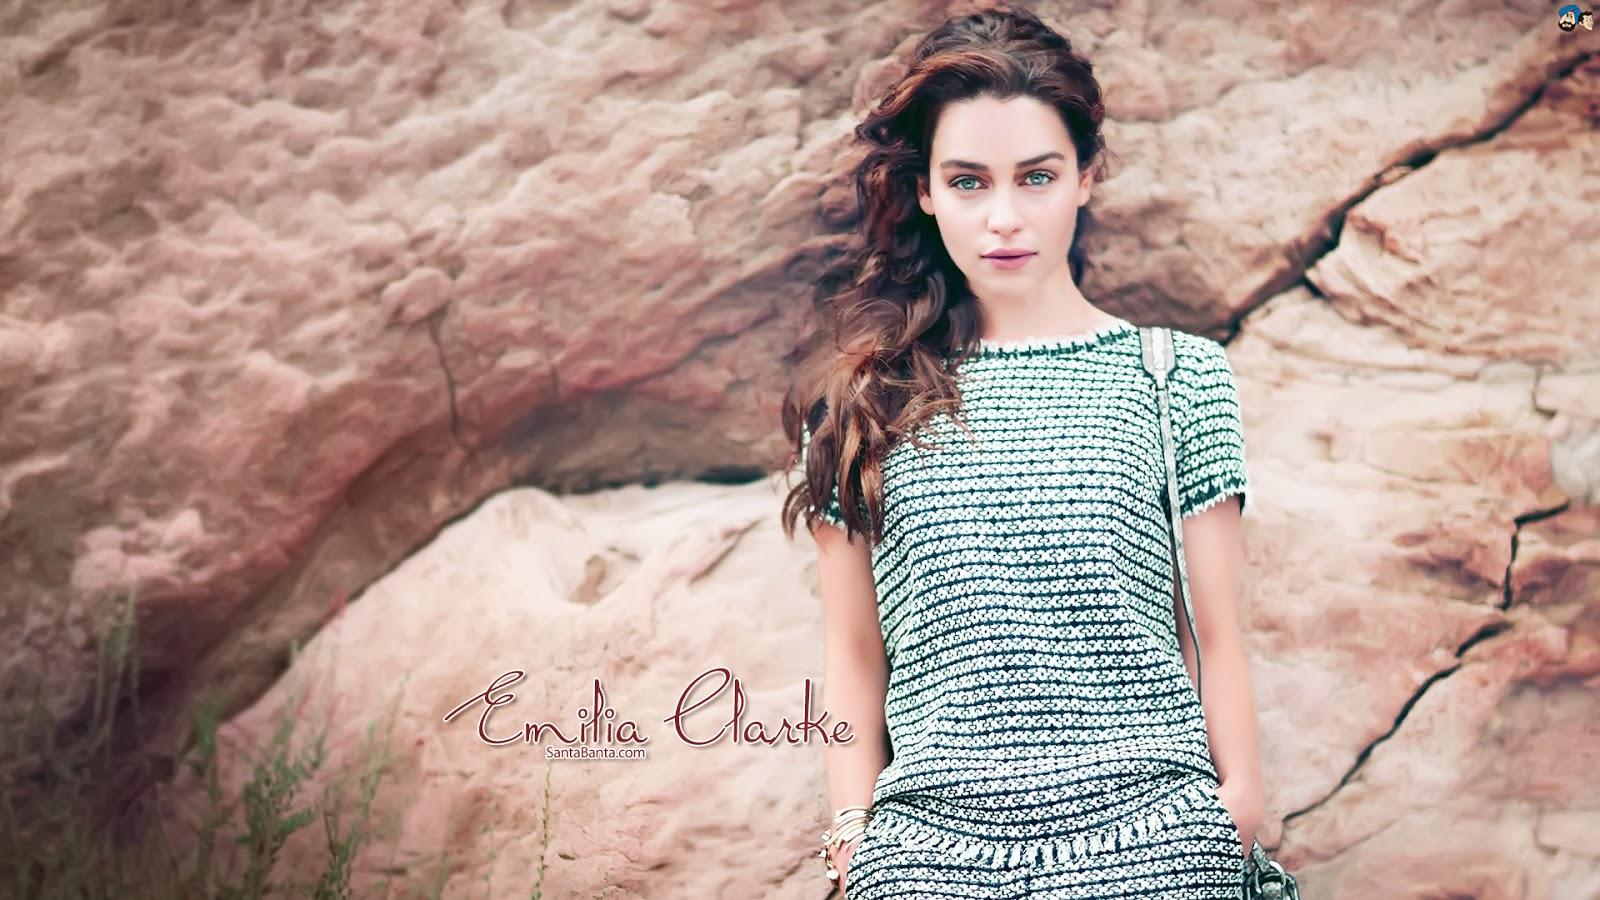 Emilia Clarke - Emilia Clarke wallpapers - Hd Wallpapers 2014